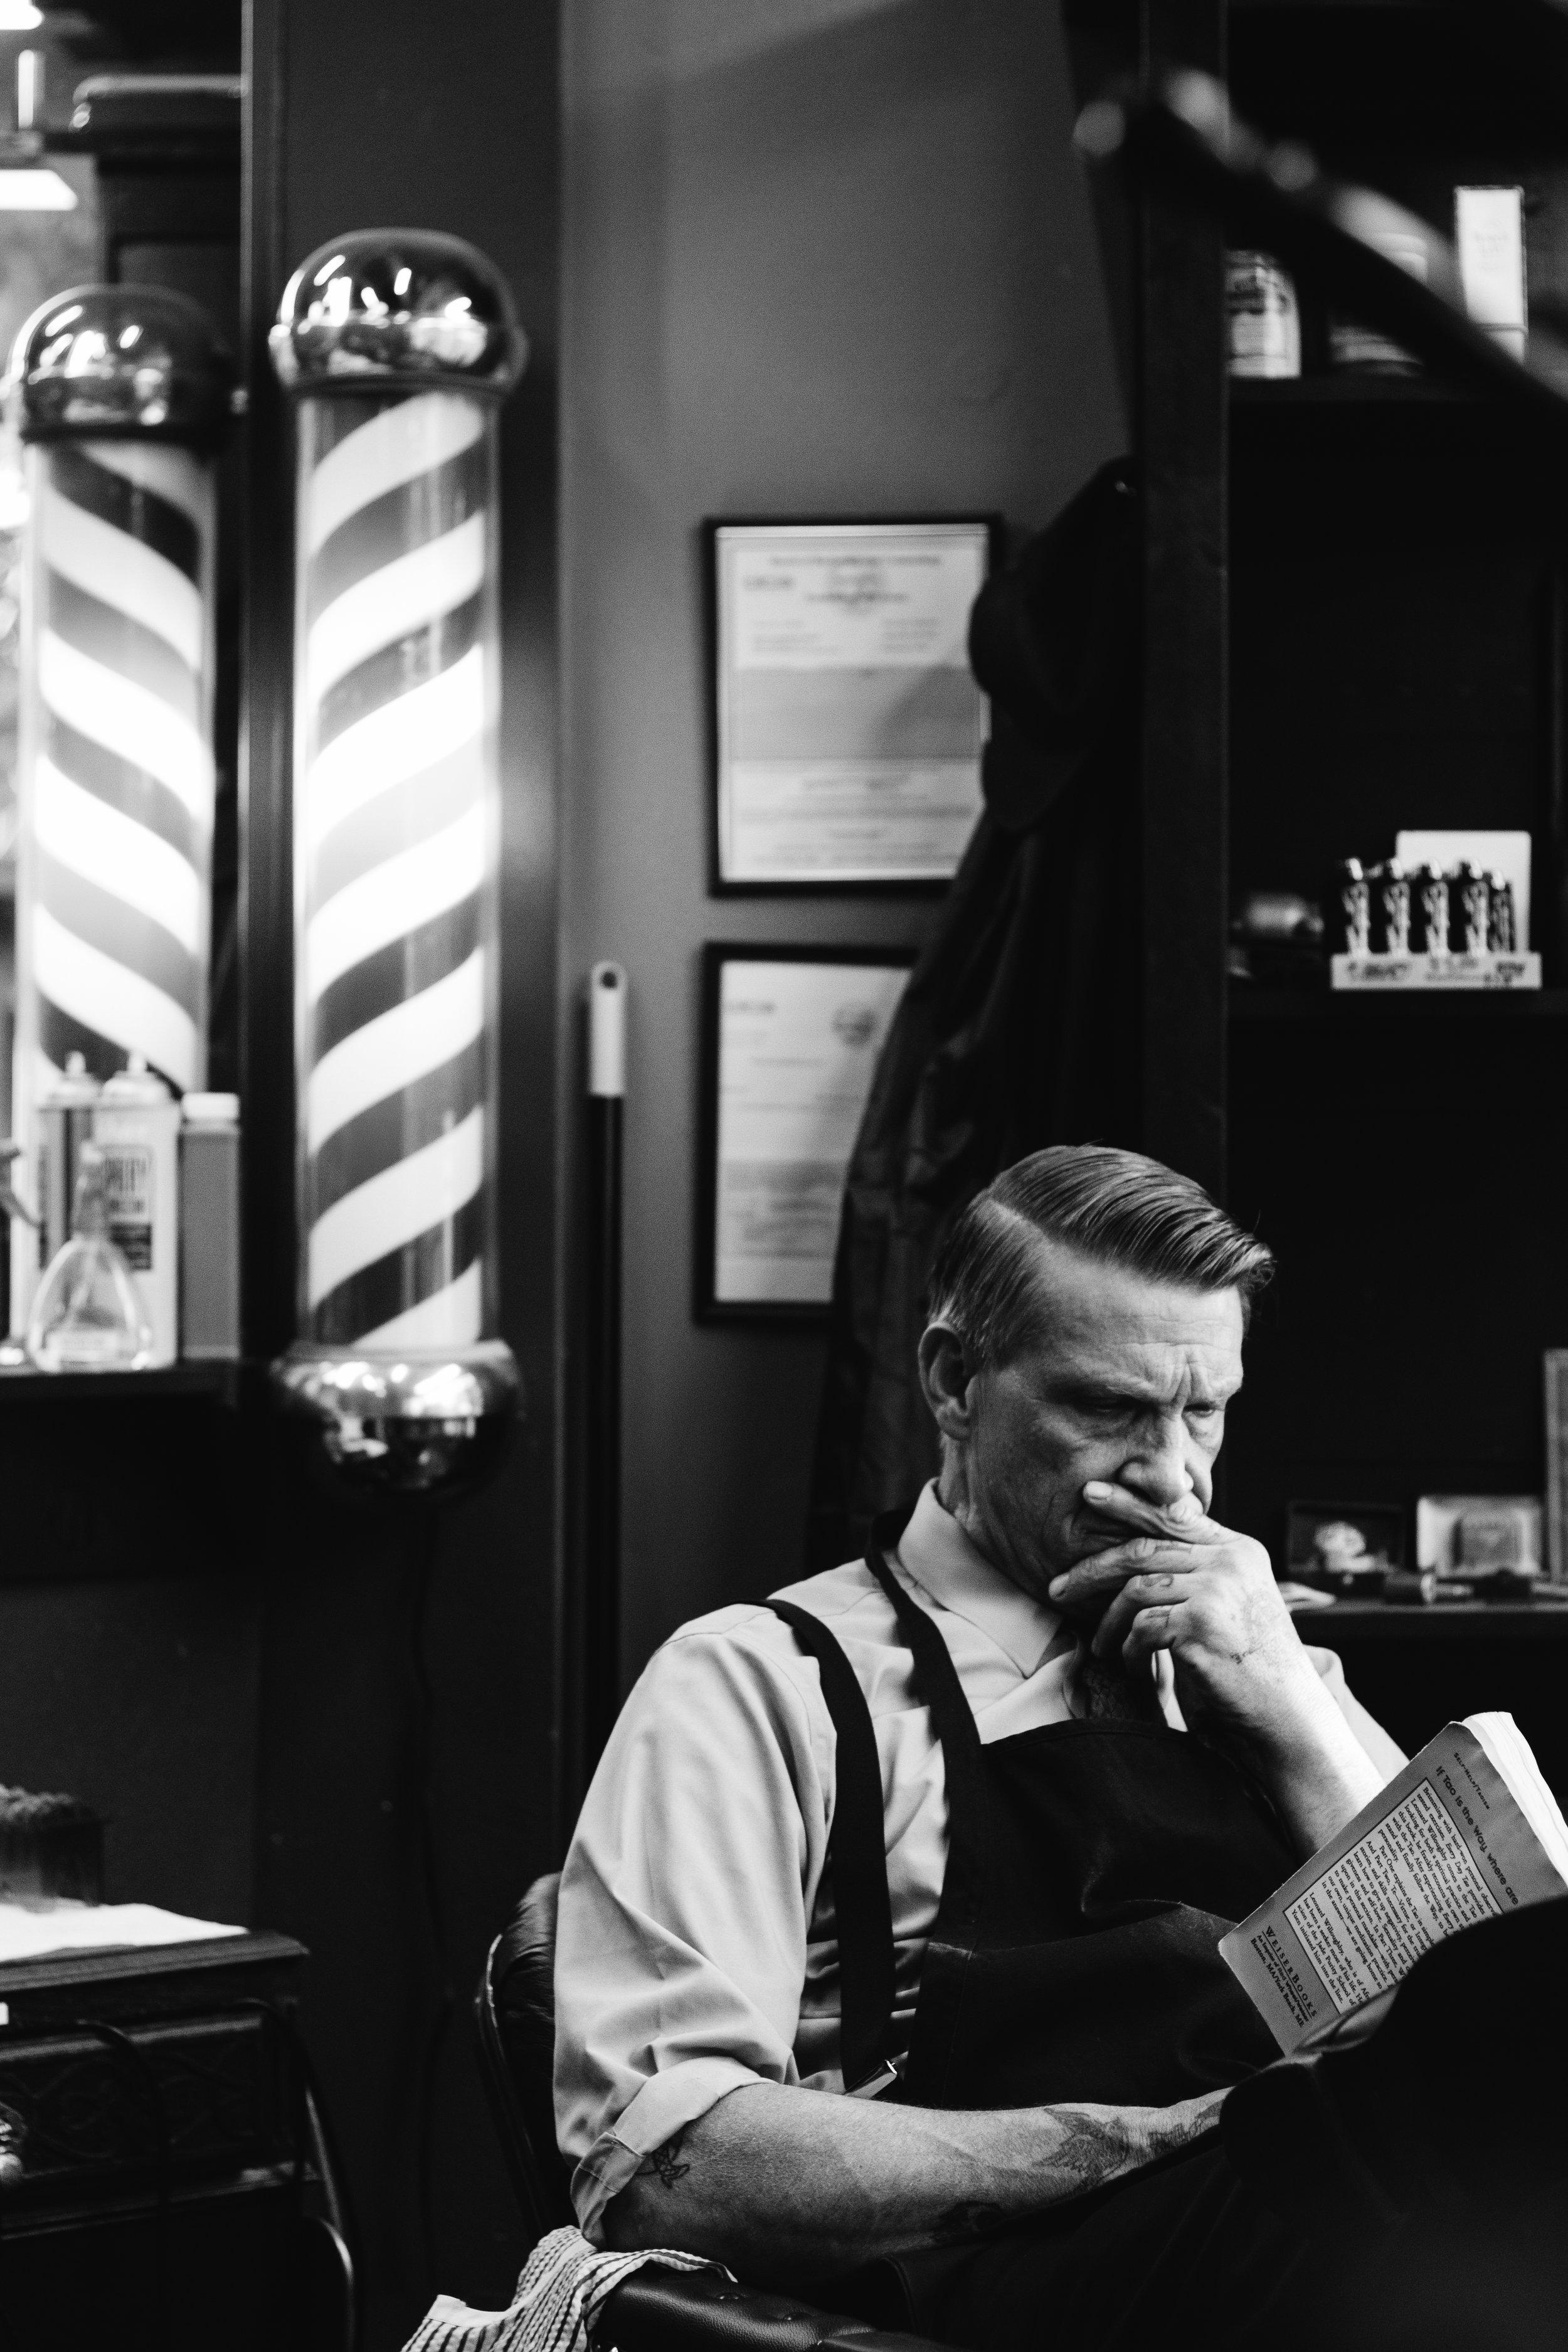 Mikes Barber Shop, CA